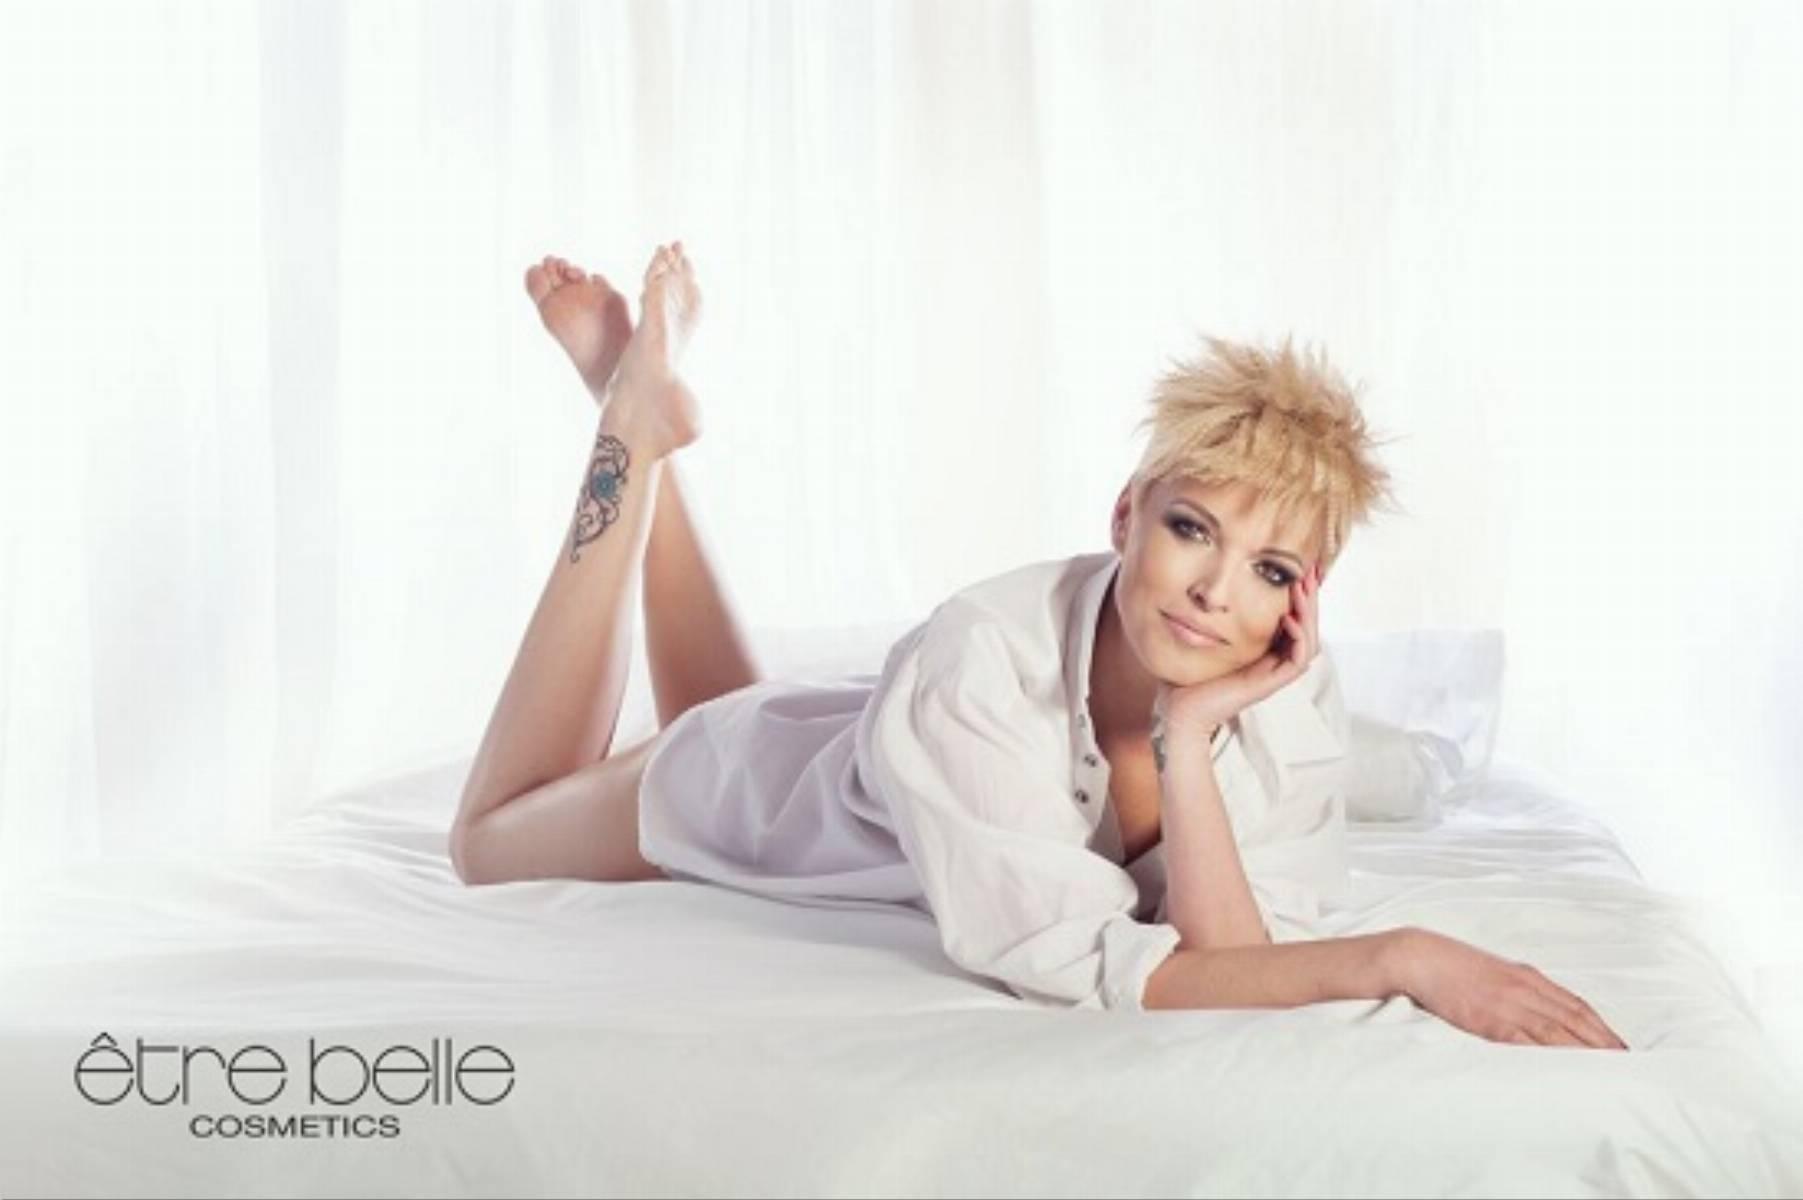 Ilona Felicjanska Etre Belle fot. Paweł Sierakowski (2)